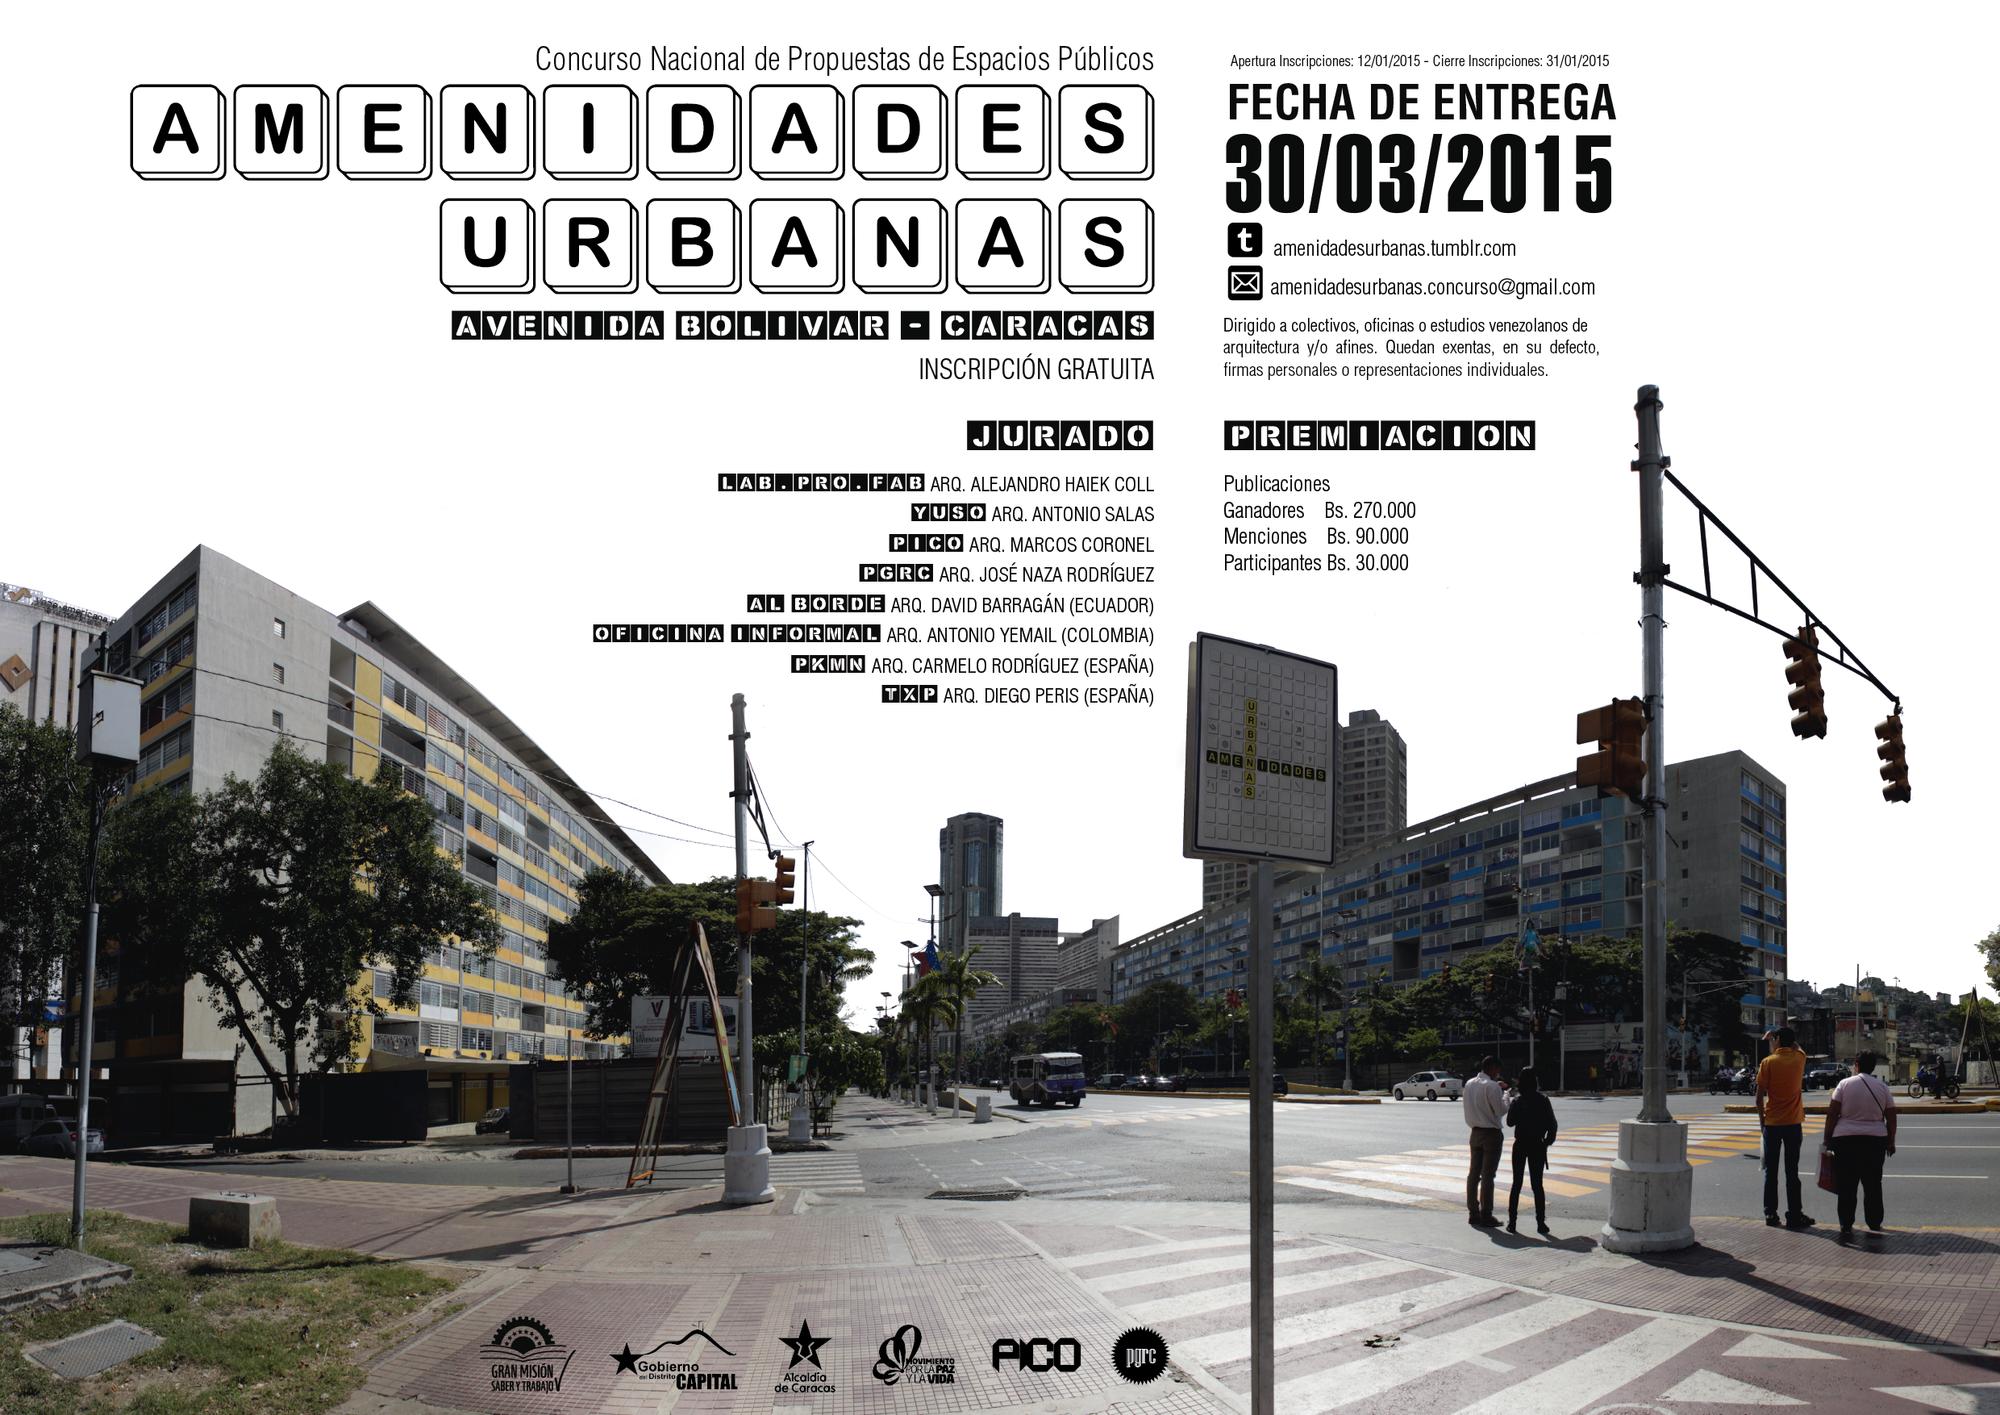 Concurso nacional de propuestas de espacios públicos: 'Amenidades urbanas' / Venezuela